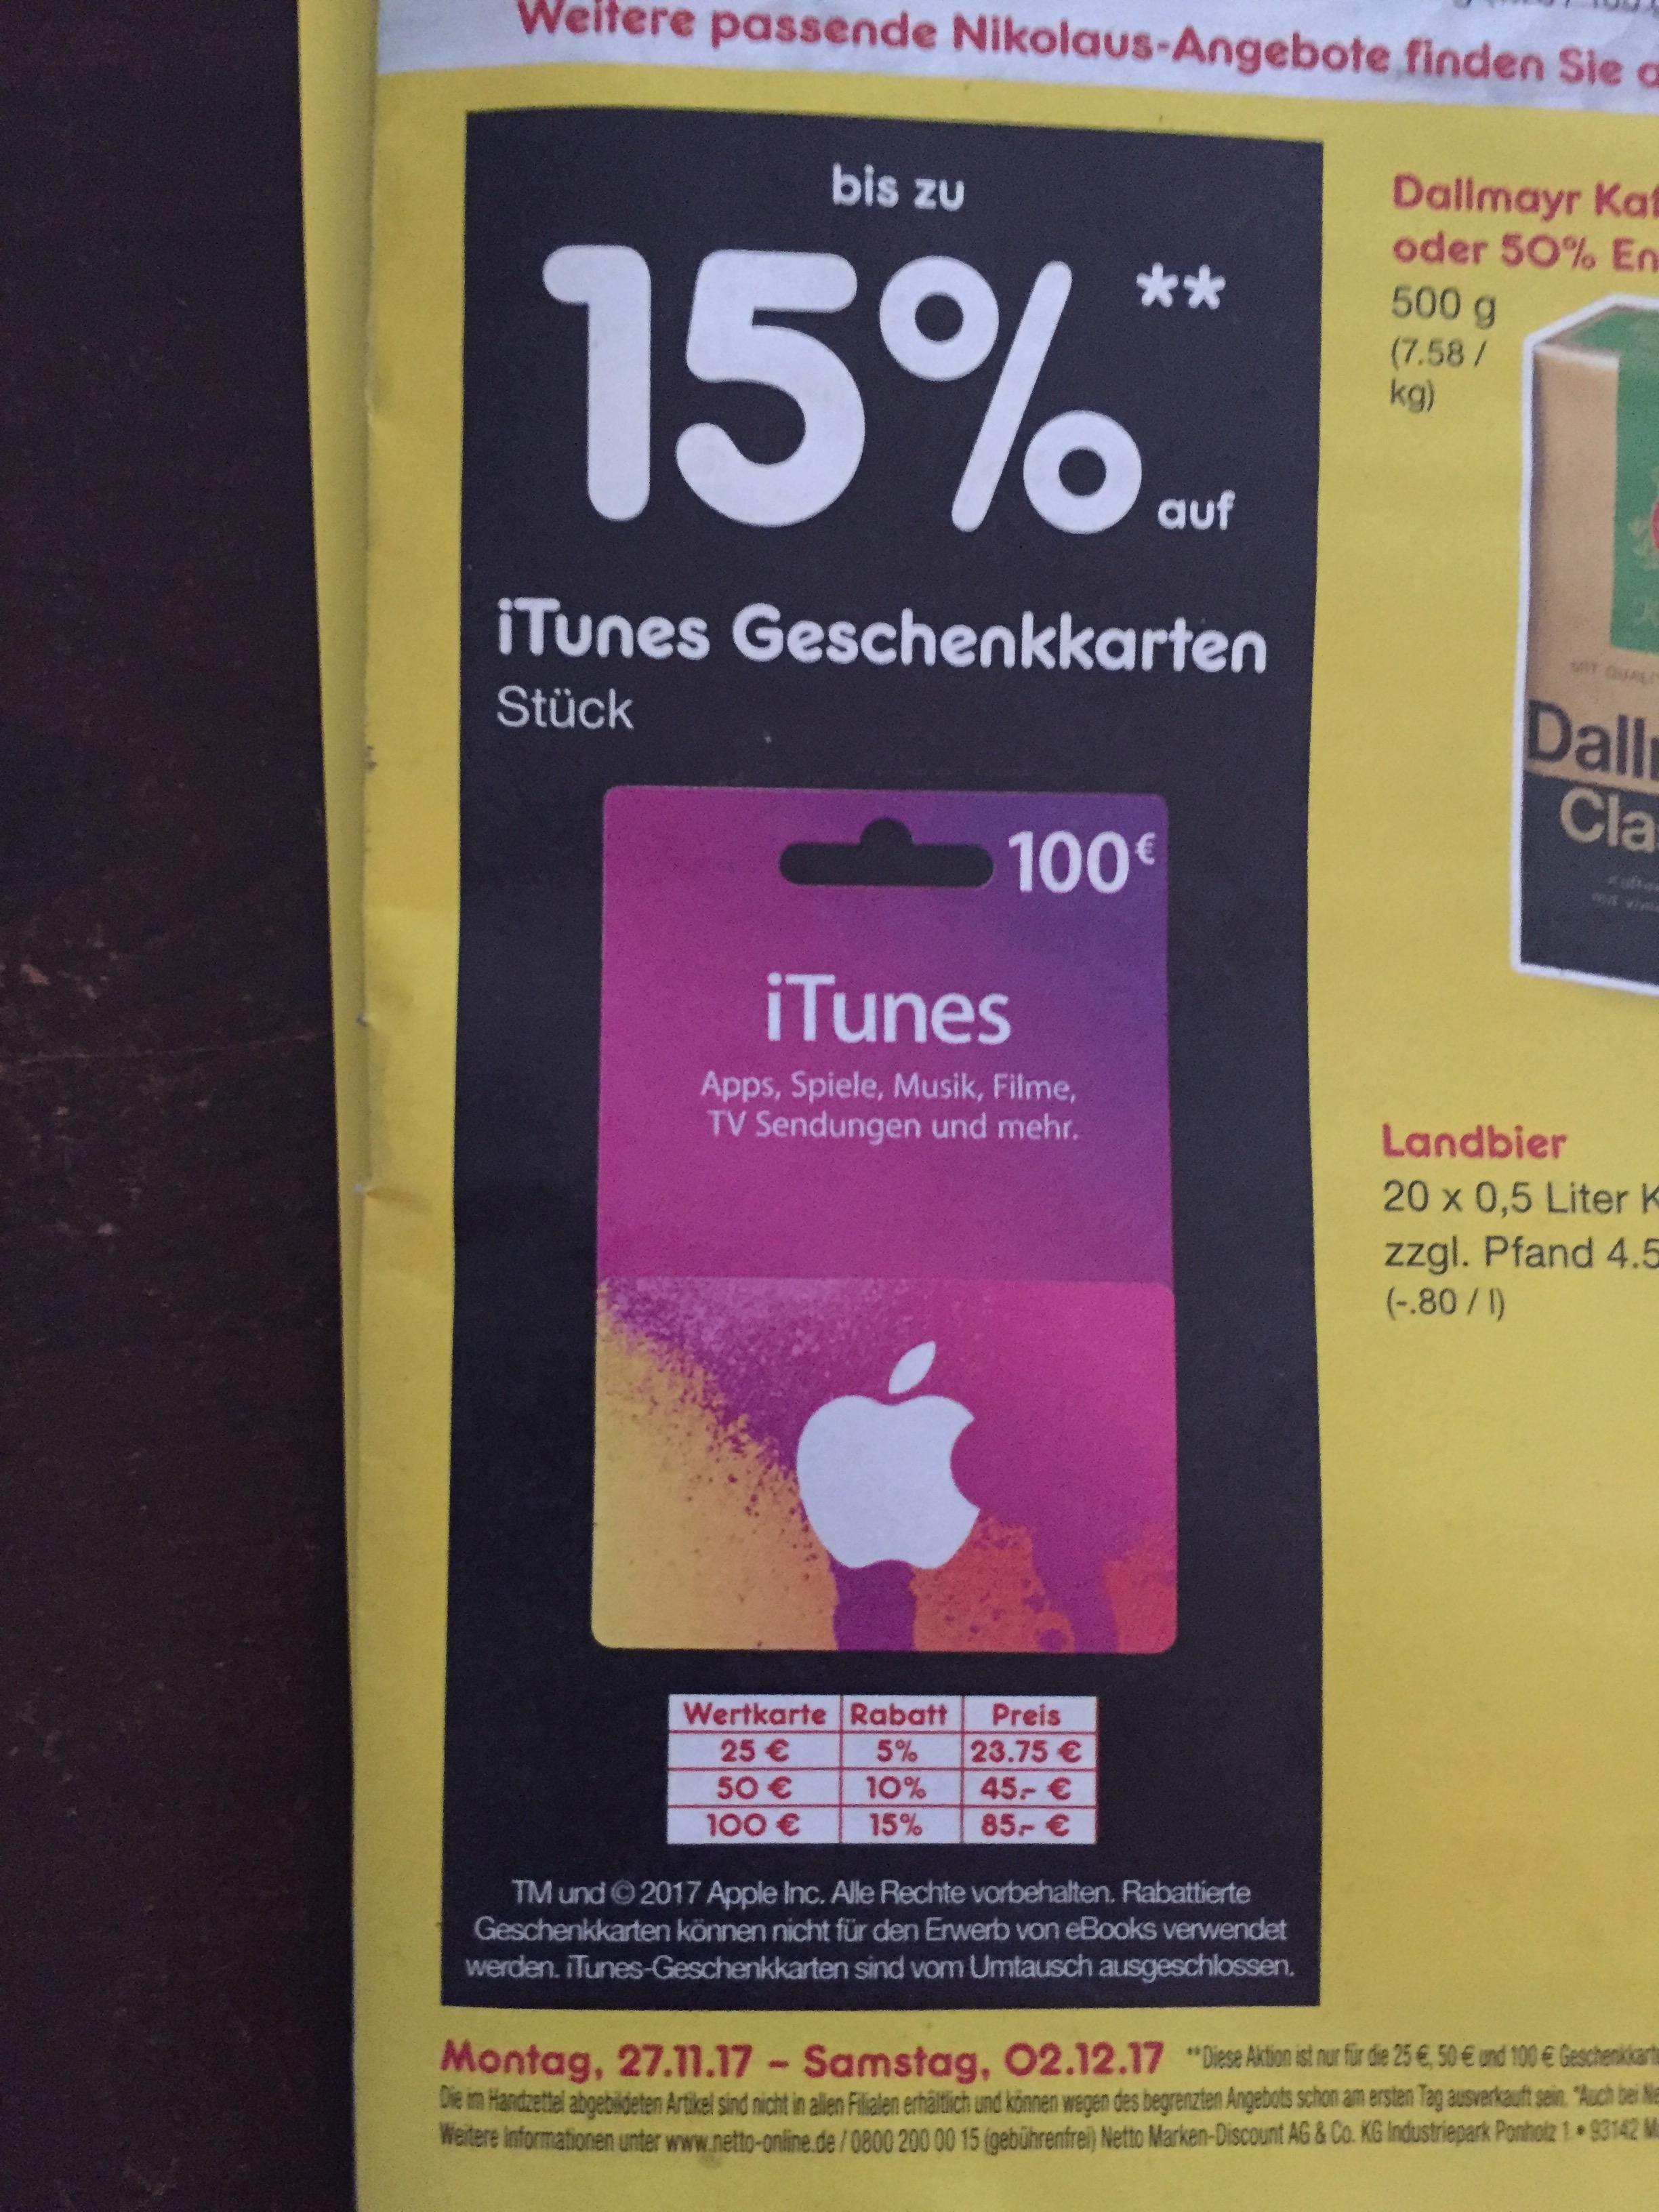 iTunes Guthabenkarten mit bis zu 15% echtem Rabatt (KEIN Extraguthaben) Bundesweit bei NETTO (gelb-rot)